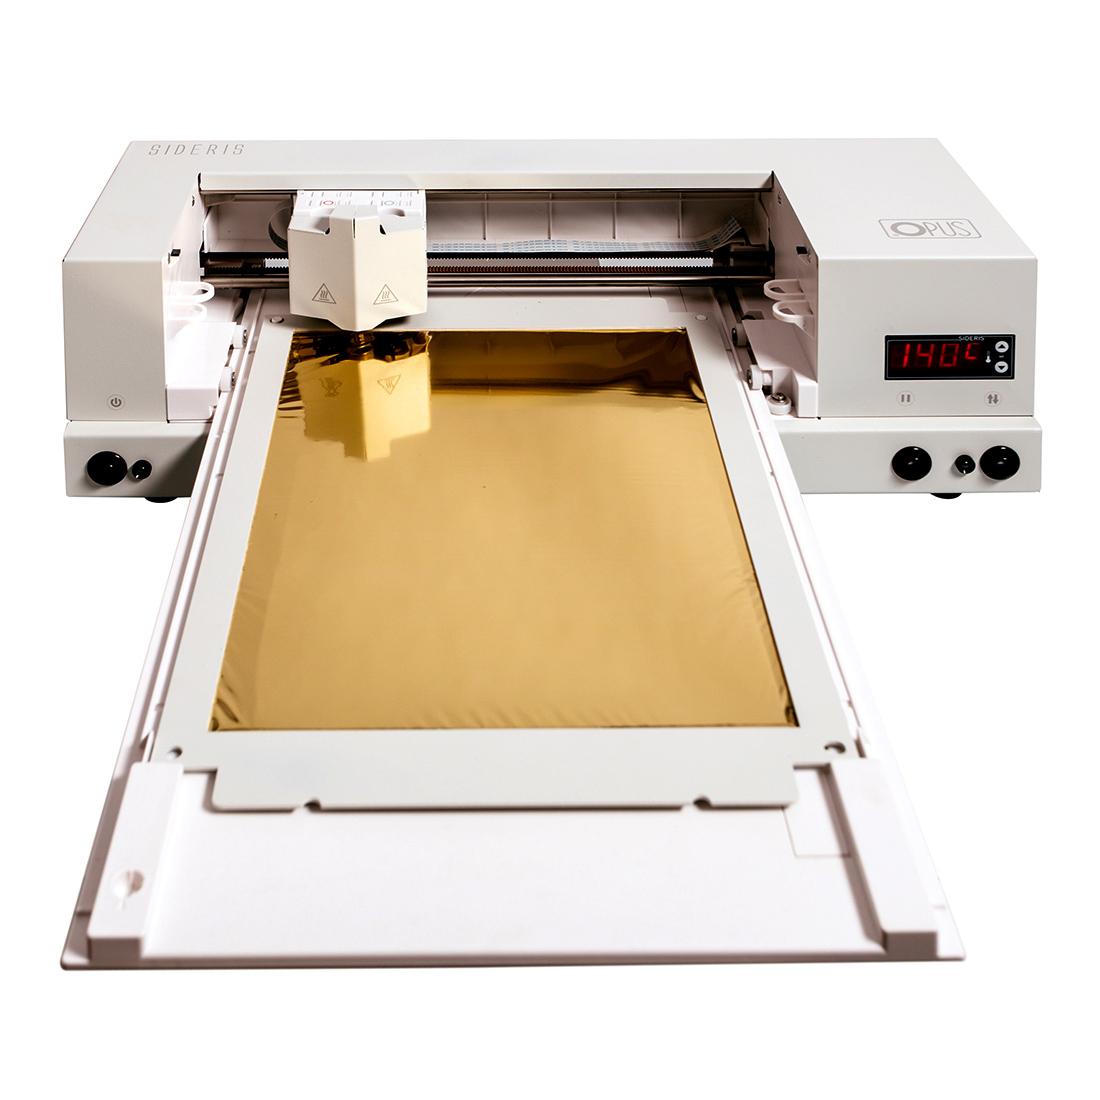 Ploter złocący - Sideris printer